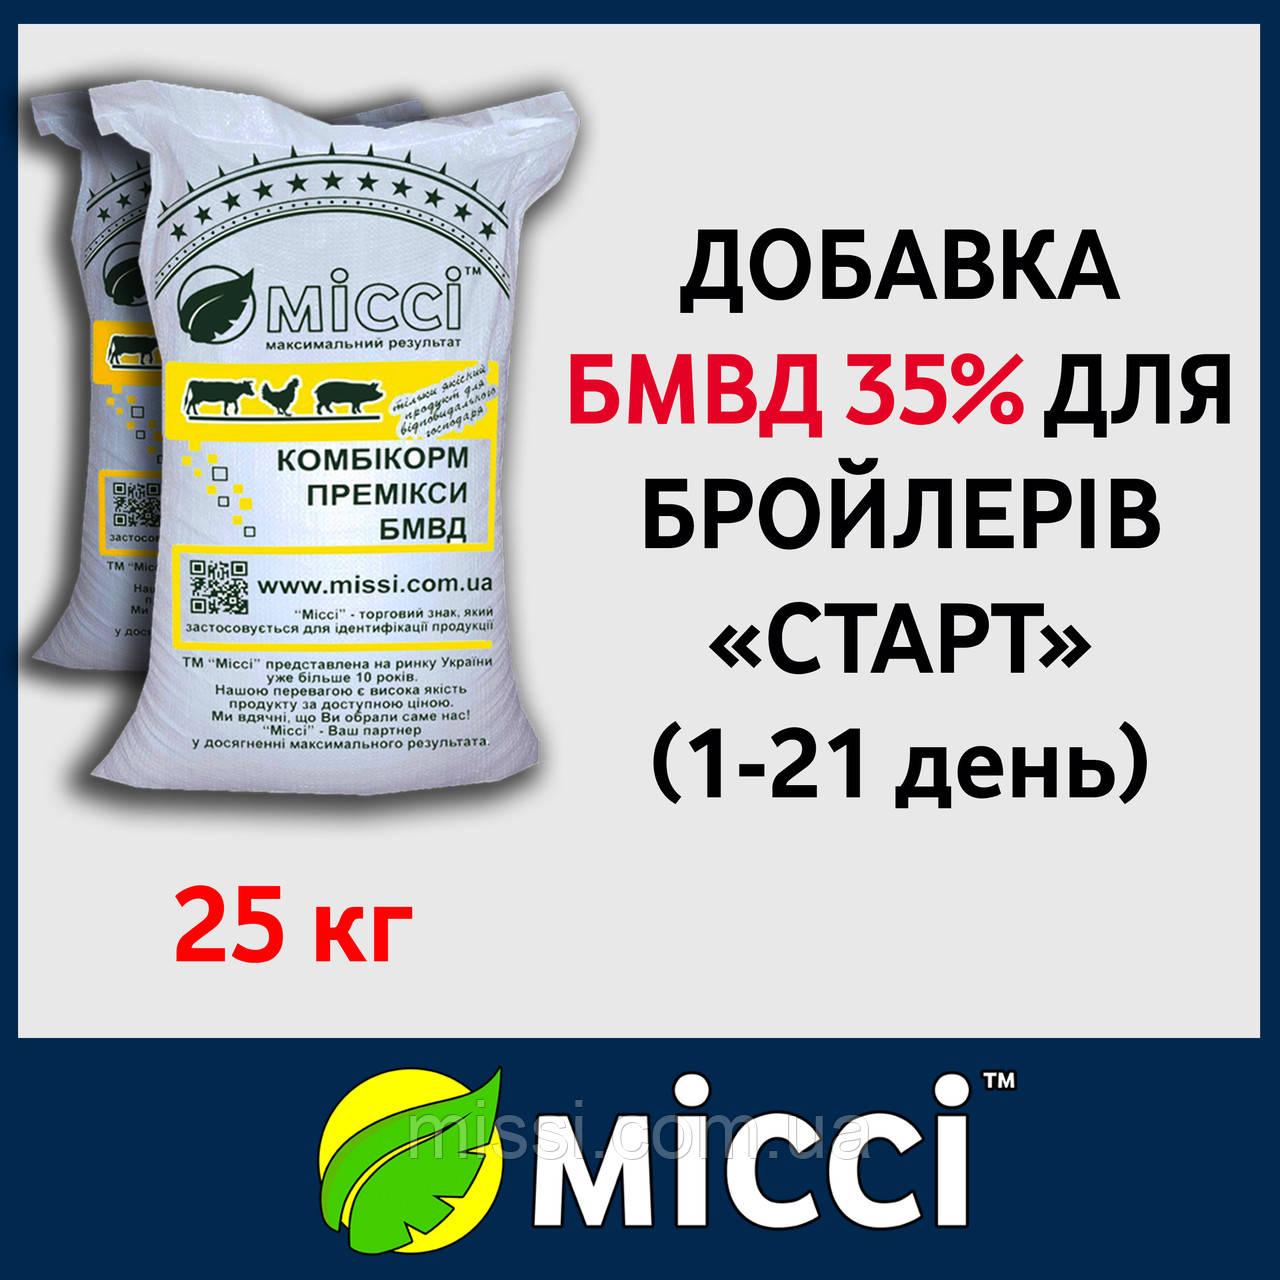 БМВД 35% для Бройлеров 1-21 дни СТАРТ (мешок 25 кг) Мисси